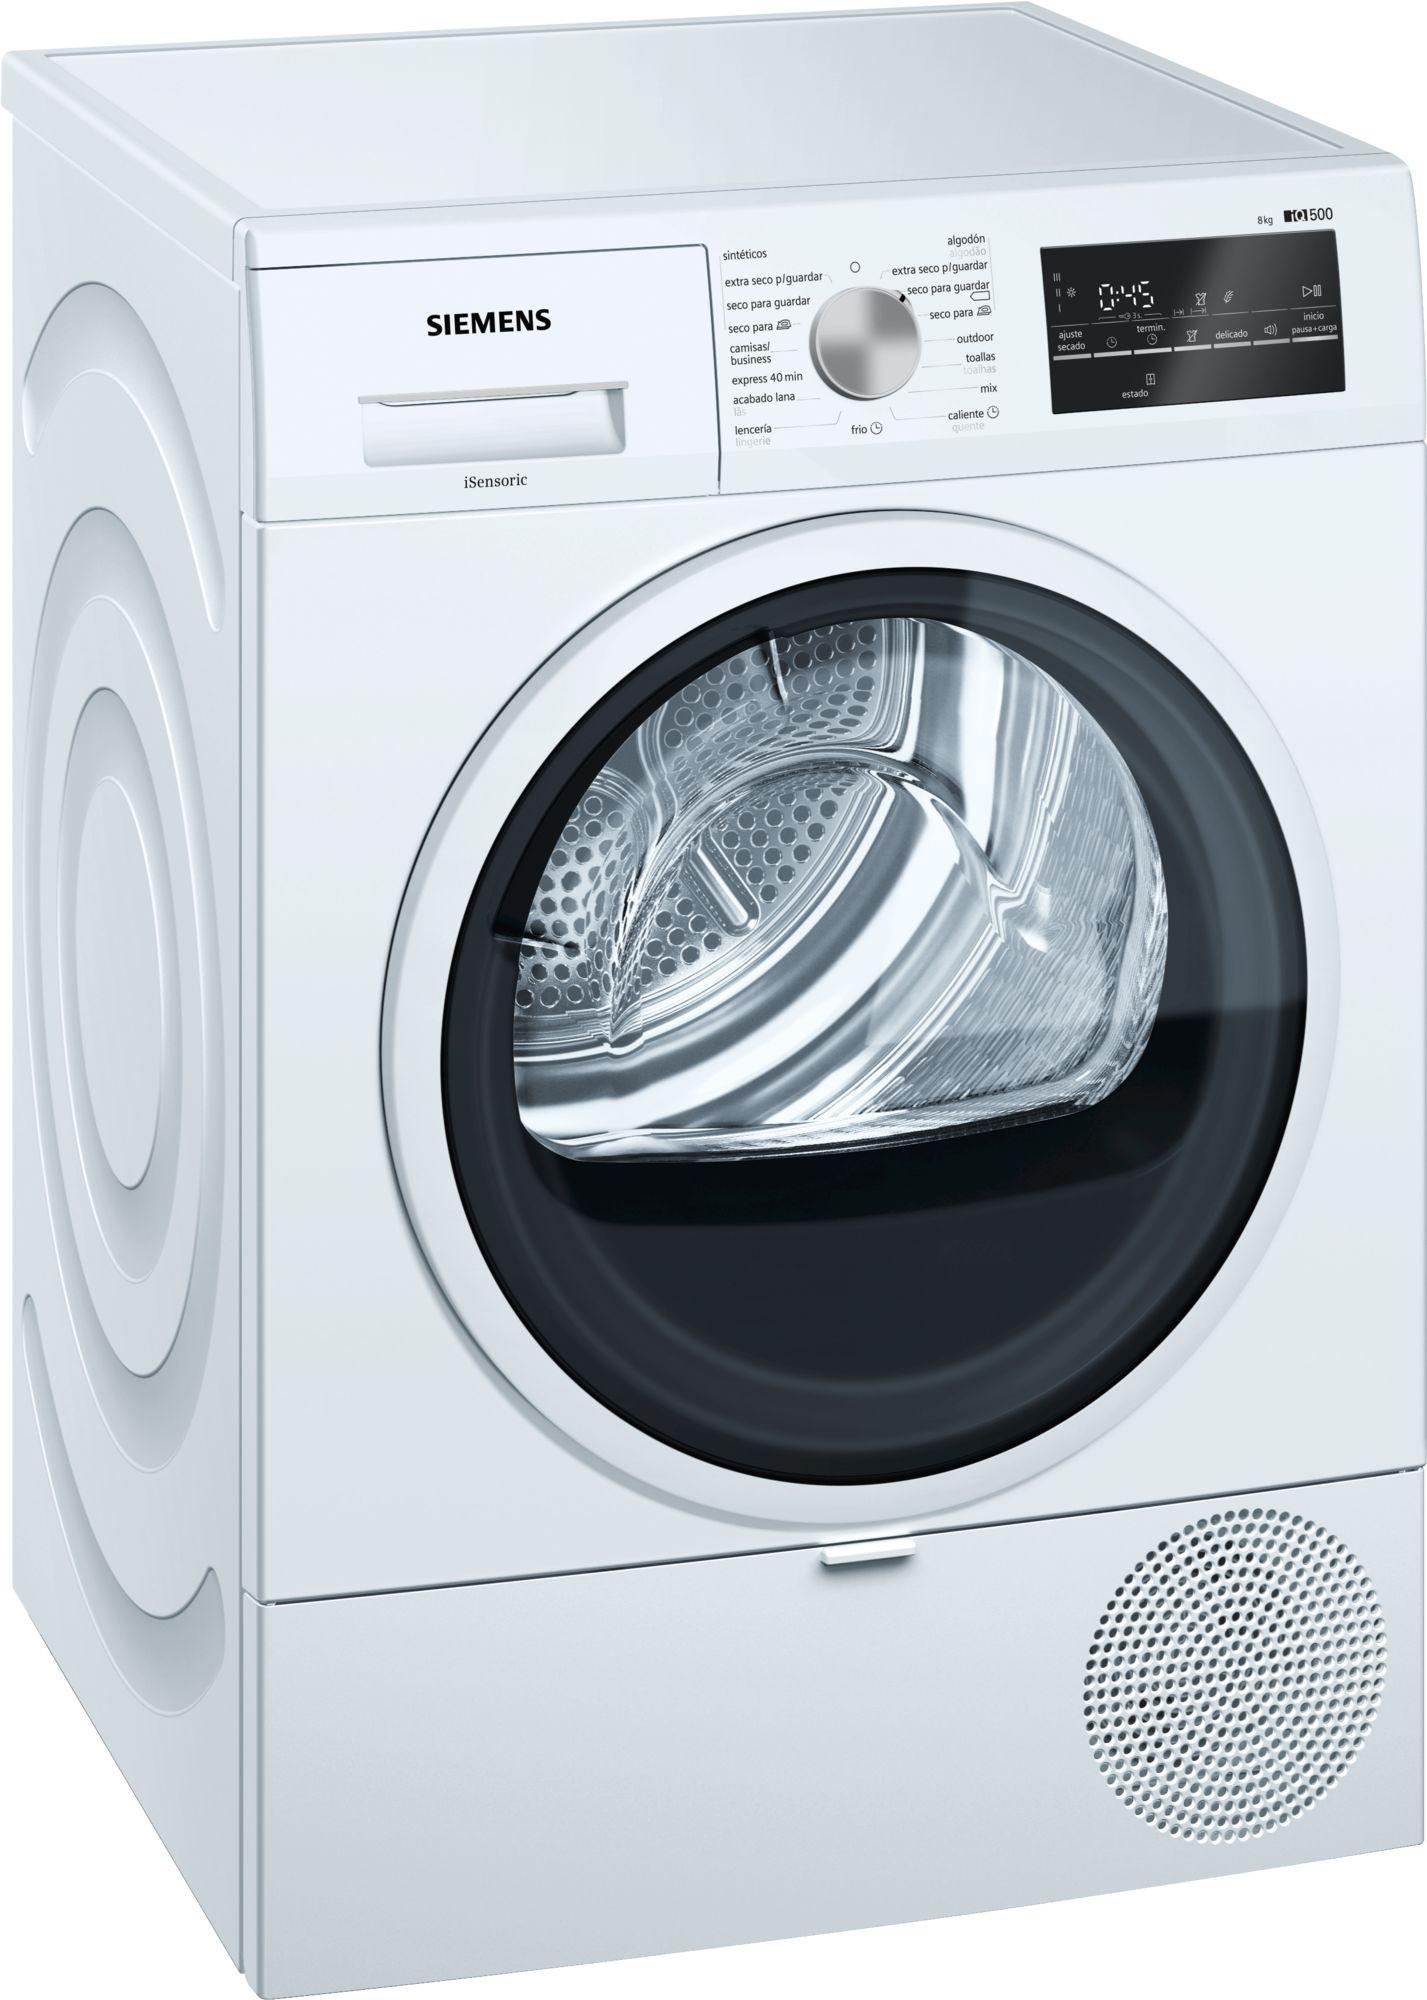 secadora siemens wt47r461es 8kg bco